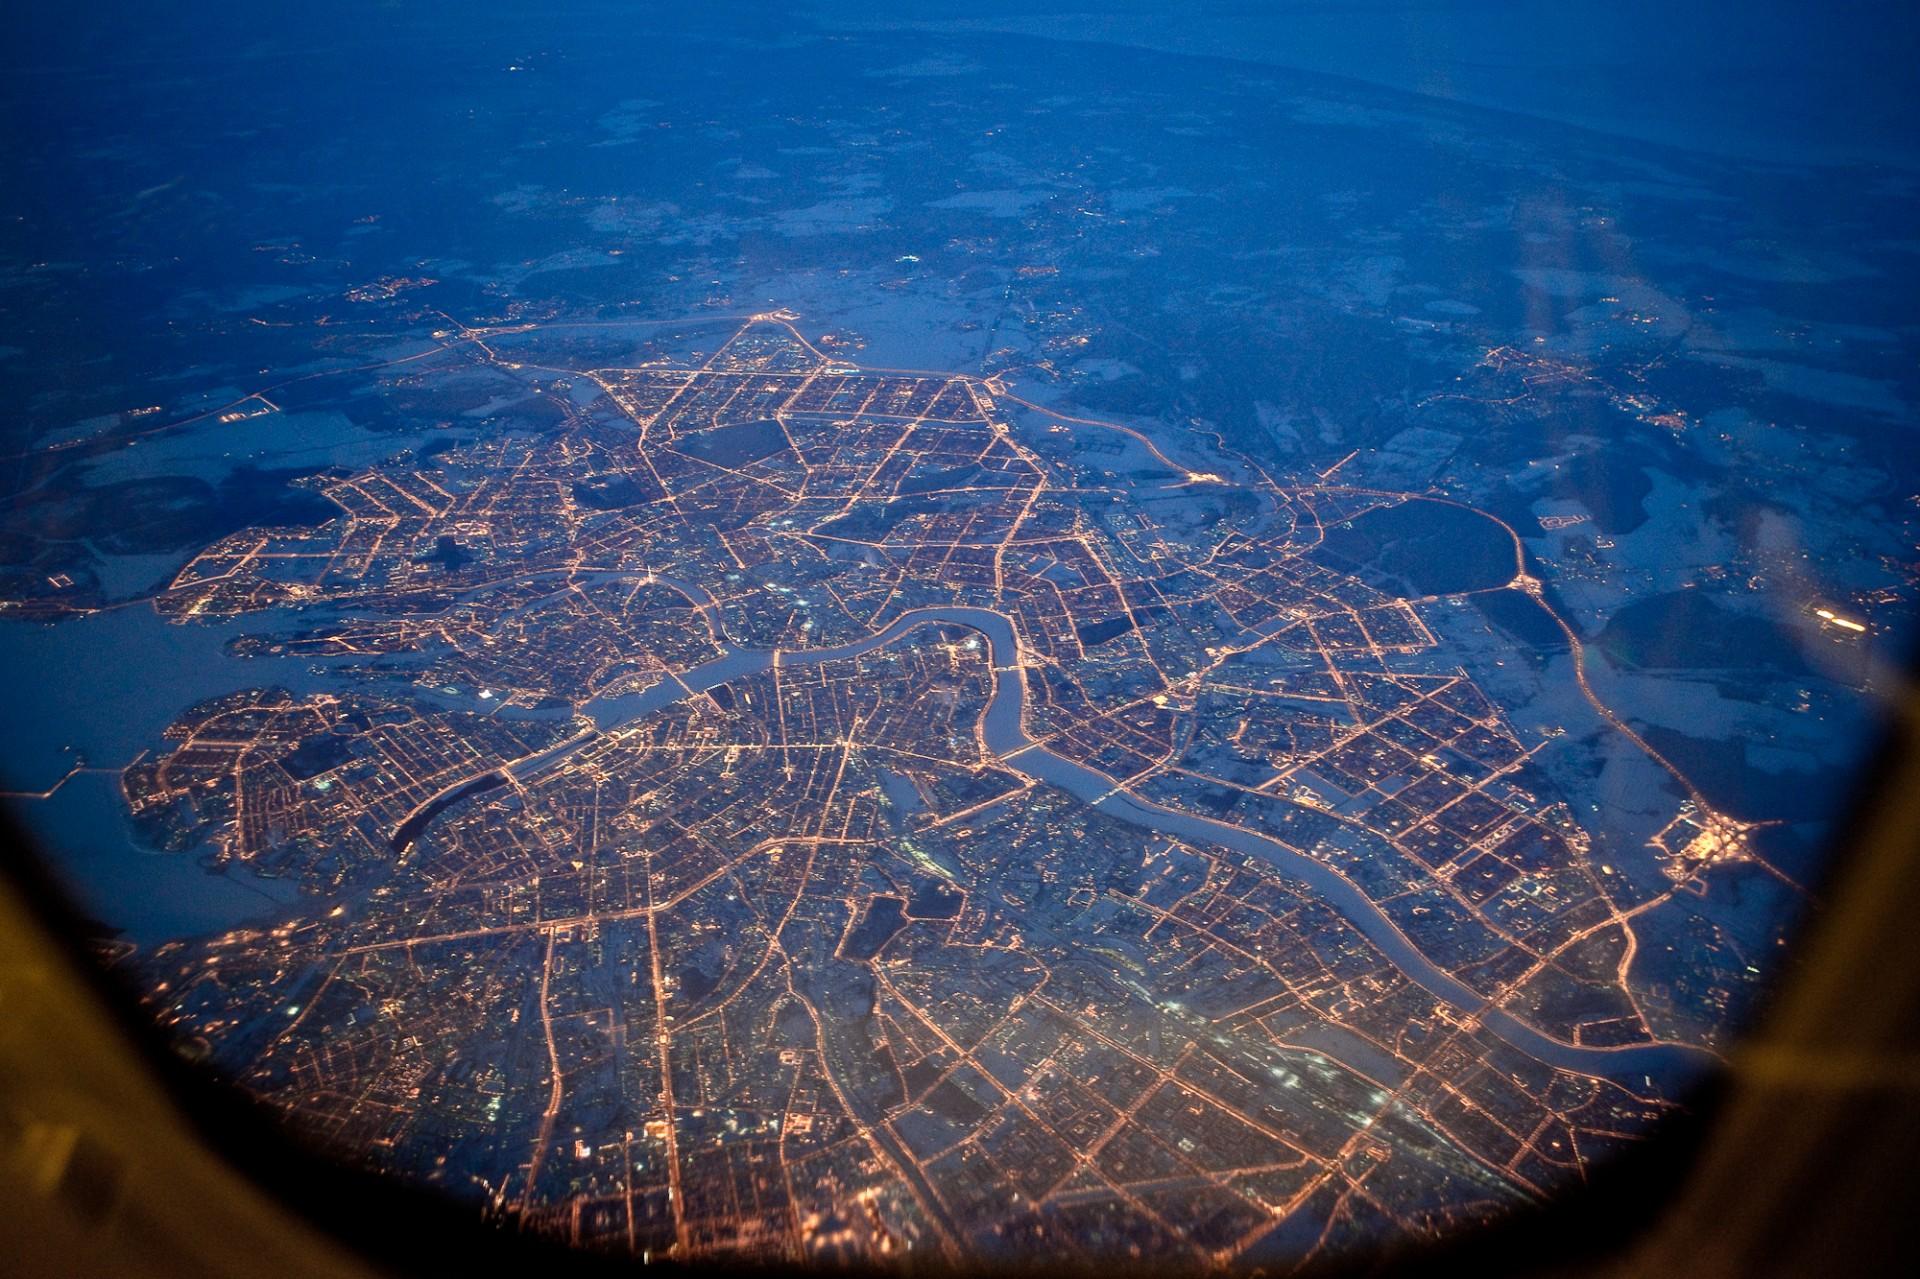 разберёмся, весь екатеринбург картинки из космоса словам звезды